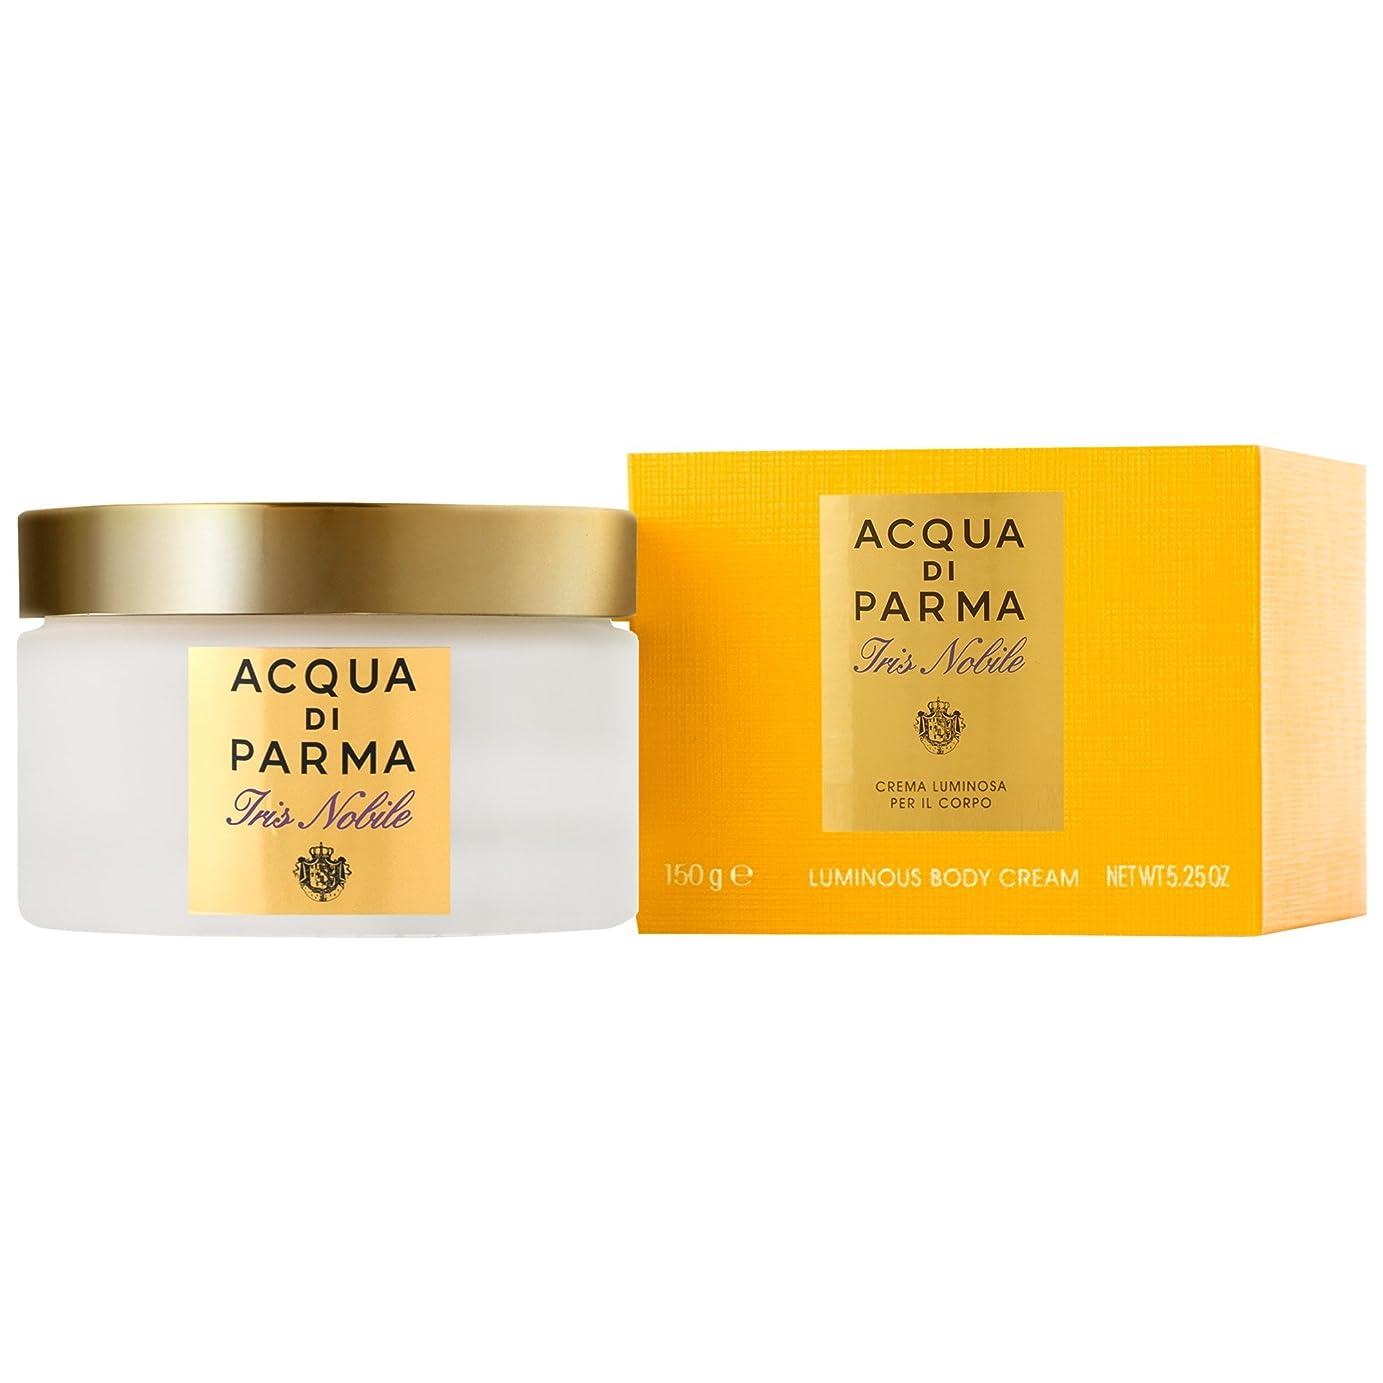 専ら子猫劣るアクア?ディ?パルマアイリスノビレボディクリーム150ミリリットル (Acqua di Parma) (x2) - Acqua di Parma Iris Nobile Body Cream 150ml (Pack of 2) [並行輸入品]